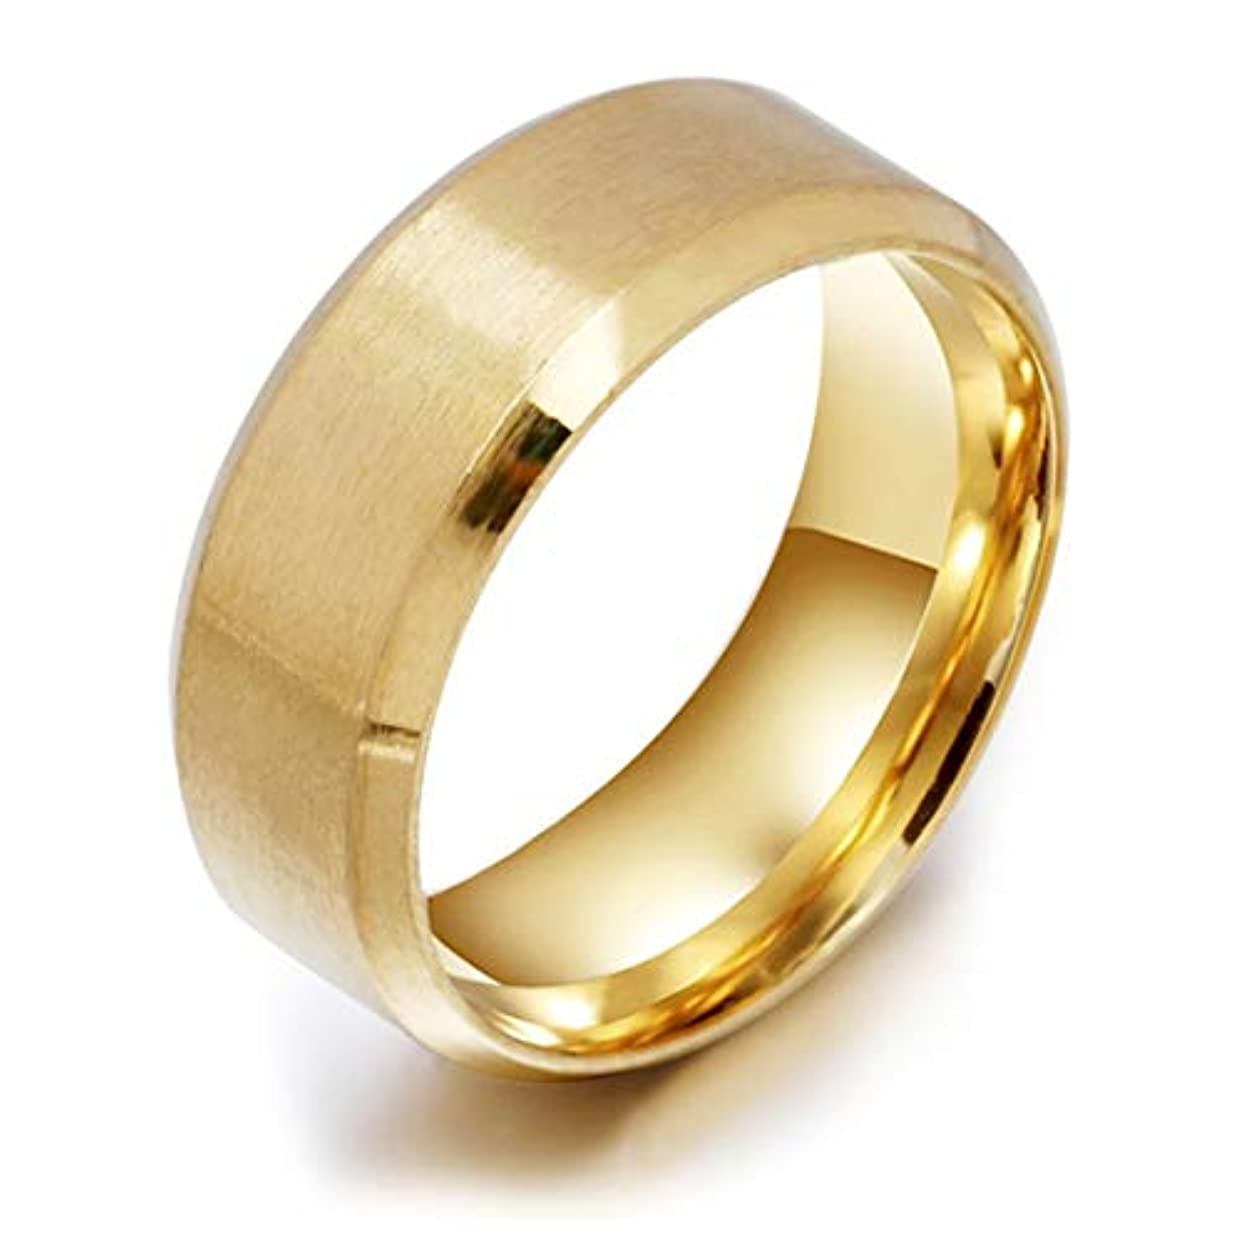 昇進タイルパレードステンレス鋼の医療指リング磁気減量リング男性の女性のリングのための高いポーランドのファッションジュエリー (Panda) (色:シルバー)